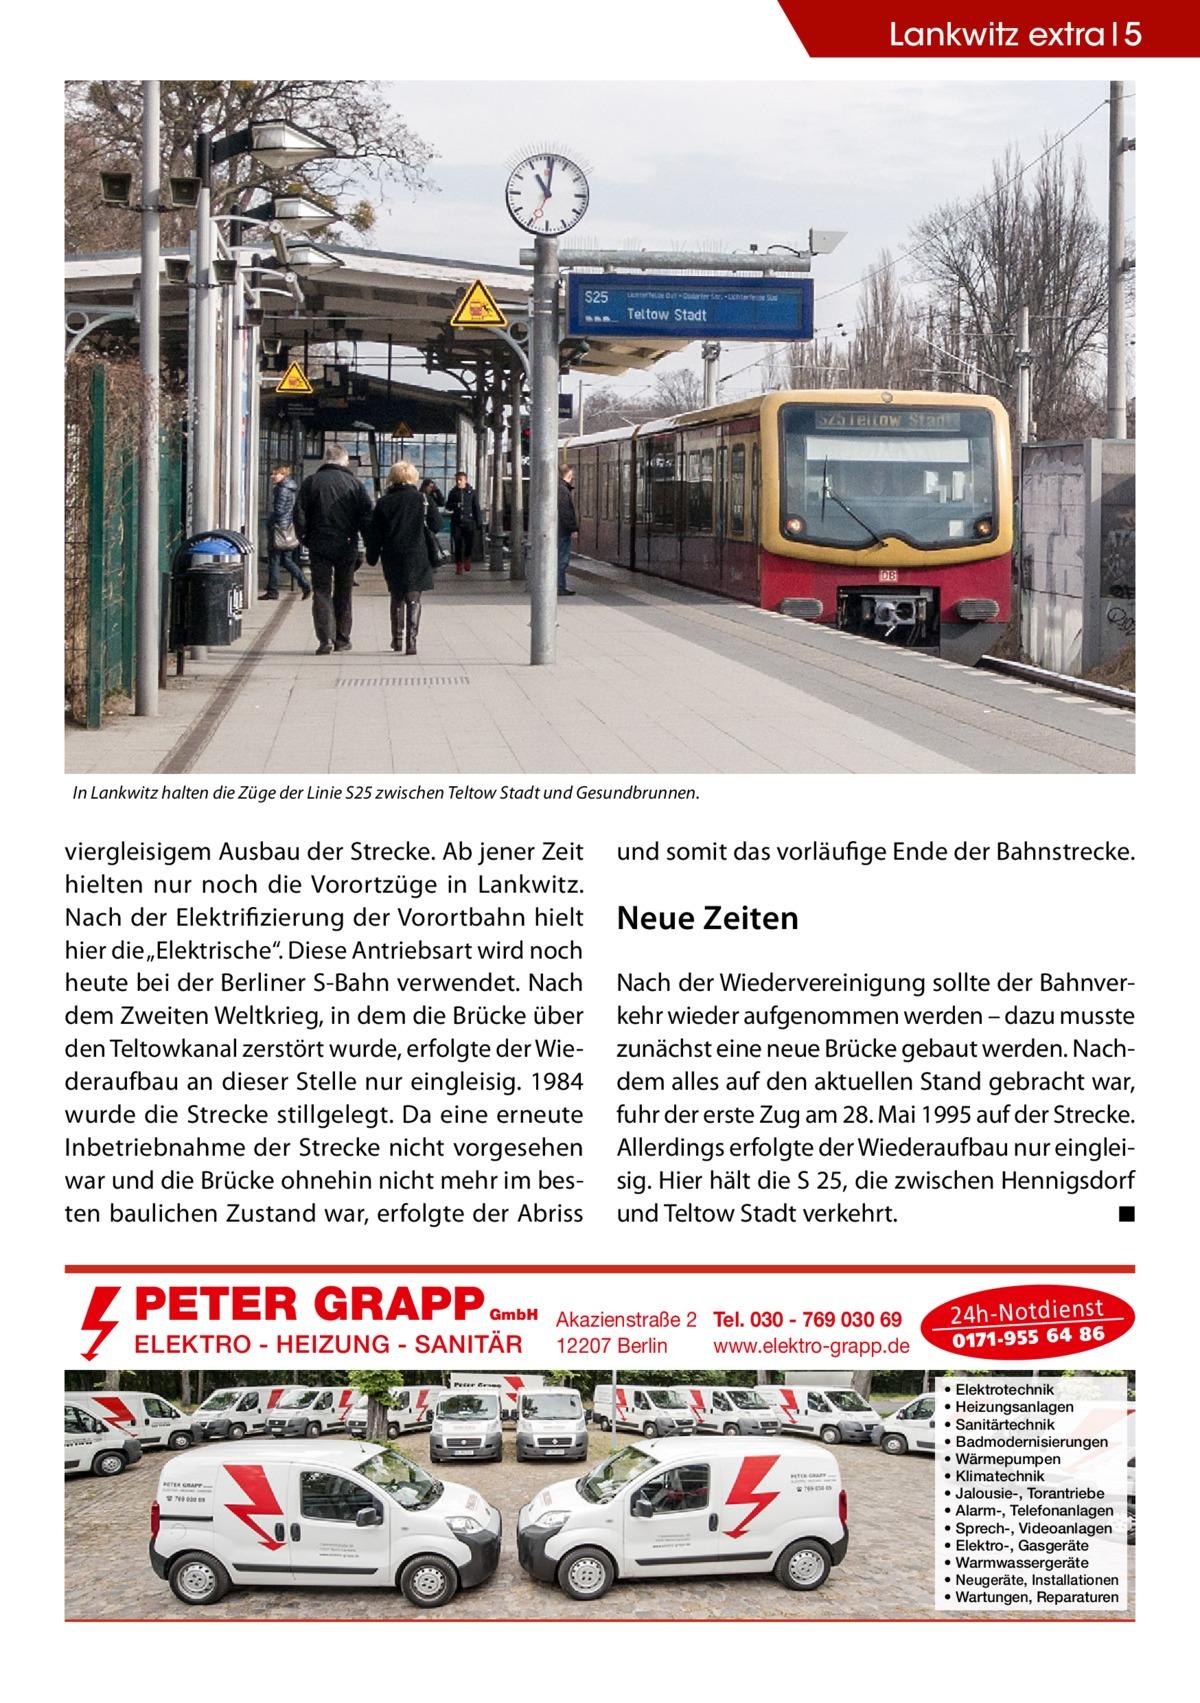 """Lankwitz extra 5  In Lankwitz halten die Züge der Linie S25 zwischen Teltow Stadt und Gesundbrunnen.  viergleisigem Ausbau der Strecke. Ab jener Zeit hielten nur noch die Vorortzüge in Lankwitz. Nach der Elektrifizierung der Vorortbahn hielt hier die """"Elektrische"""". Diese Antriebsart wird noch heute bei der Berliner S-Bahn verwendet. Nach dem Zweiten Weltkrieg, in dem die Brücke über den Teltowkanal zerstört wurde, erfolgte der Wiederaufbau an dieser Stelle nur eingleisig. 1984 wurde die Strecke stillgelegt. Da eine erneute Inbetriebnahme der Strecke nicht vorgesehen war und die Brücke ohnehin nicht mehr im besten baulichen Zustand war, erfolgte der Abriss  PETER GRAPP  GmbH  ELEKTRO - HEIZUNG - SANITÄR  und somit das vorläufige Ende der Bahnstrecke.  Neue Zeiten Nach der Wiedervereinigung sollte der Bahnverkehr wieder aufgenommen werden – dazu musste zunächst eine neue Brücke gebaut werden. Nachdem alles auf den aktuellen Stand gebracht war, fuhr der erste Zug am 28.Mai 1995 auf der Strecke. Allerdings erfolgte der Wiederaufbau nur eingleisig. Hier hält die S 25, die zwischen Hennigsdorf und Teltow Stadt verkehrt. � ◾  Akazienstraße 2 Tel. 030 - 769 030 69 12207 Berlin www.elektro-grapp.de  24 h-N otd ien st  017 1-9 55 64 86  • • • • • • • • • • • • •  Elektrotechnik Heizungsanlagen Sanitärtechnik Badmodernisierungen Wärmepumpen Klimatechnik Jalousie-, Torantriebe Alarm-, Telefonanlagen Sprech-, Videoanlagen Elektro-, Gasgeräte Warmwassergeräte Neugeräte, Installationen Wartungen, Reparaturen"""